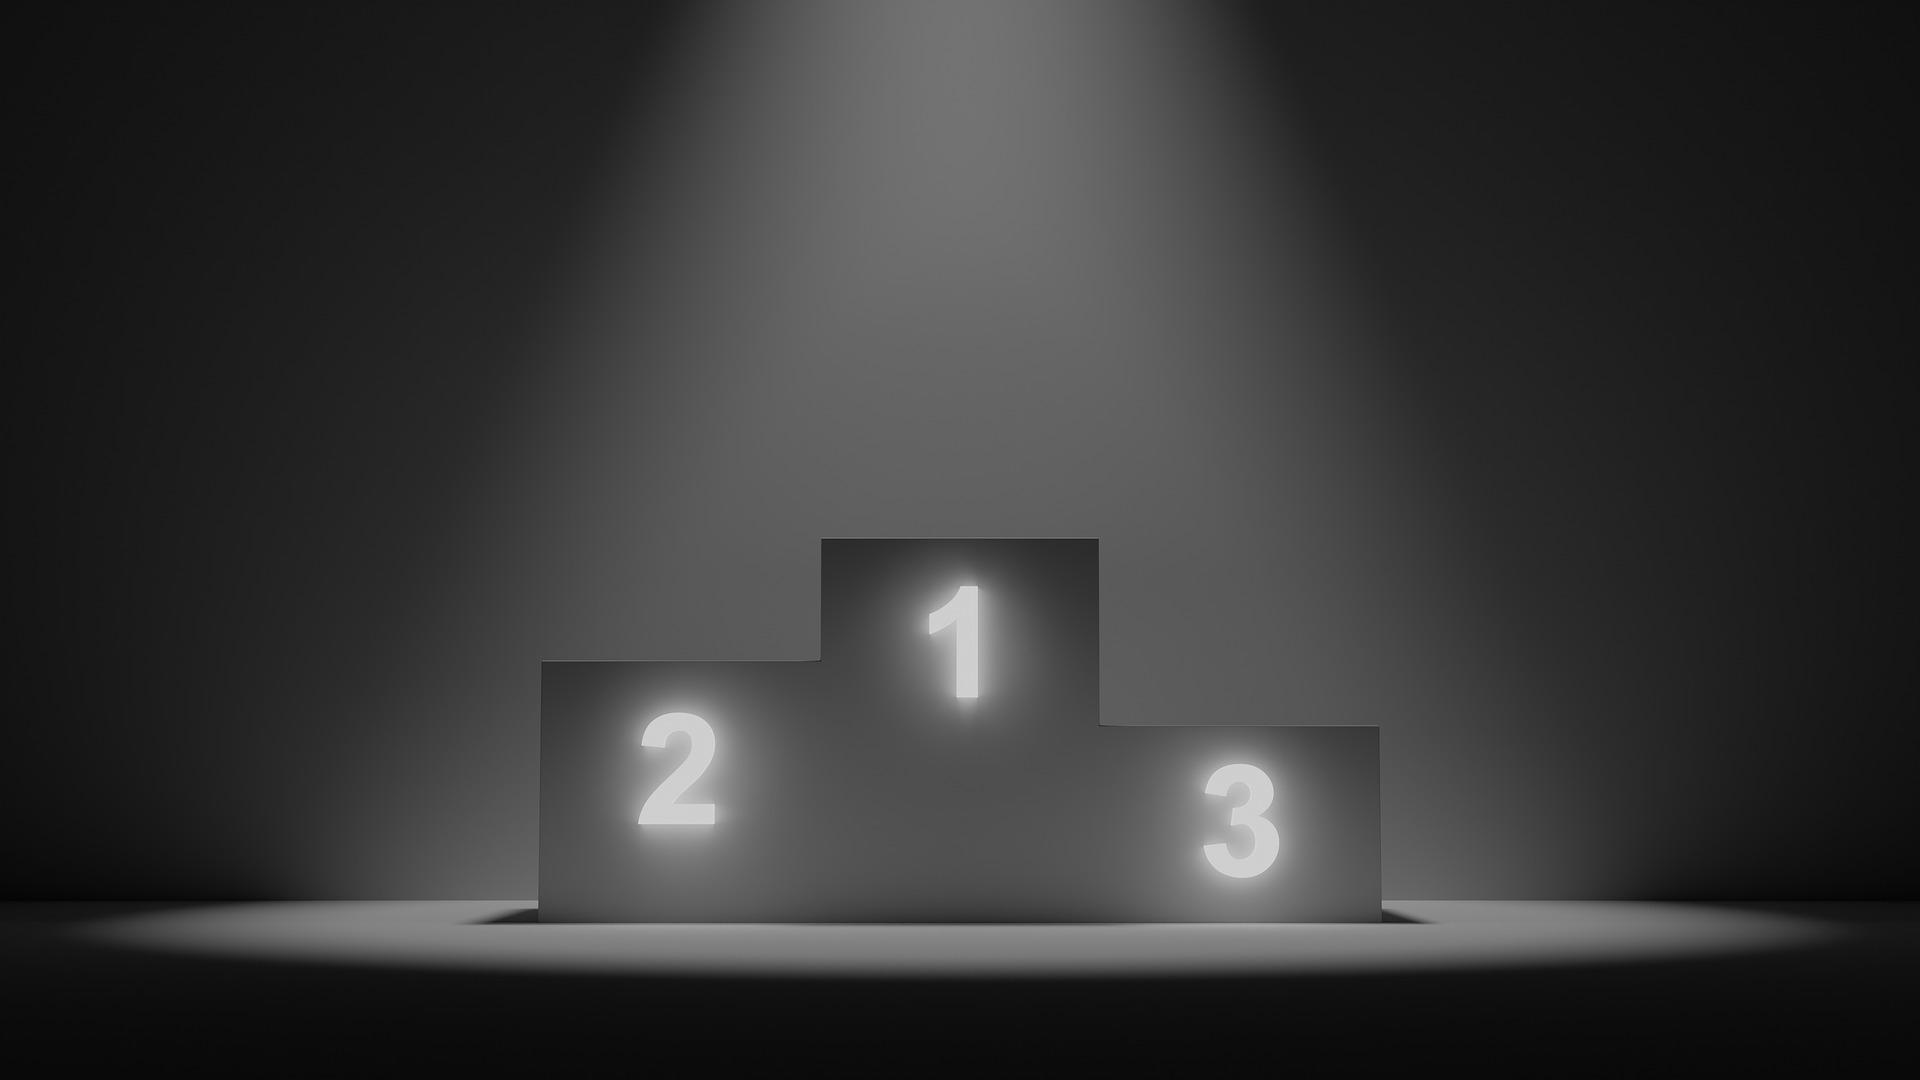 Il podio dei campioni